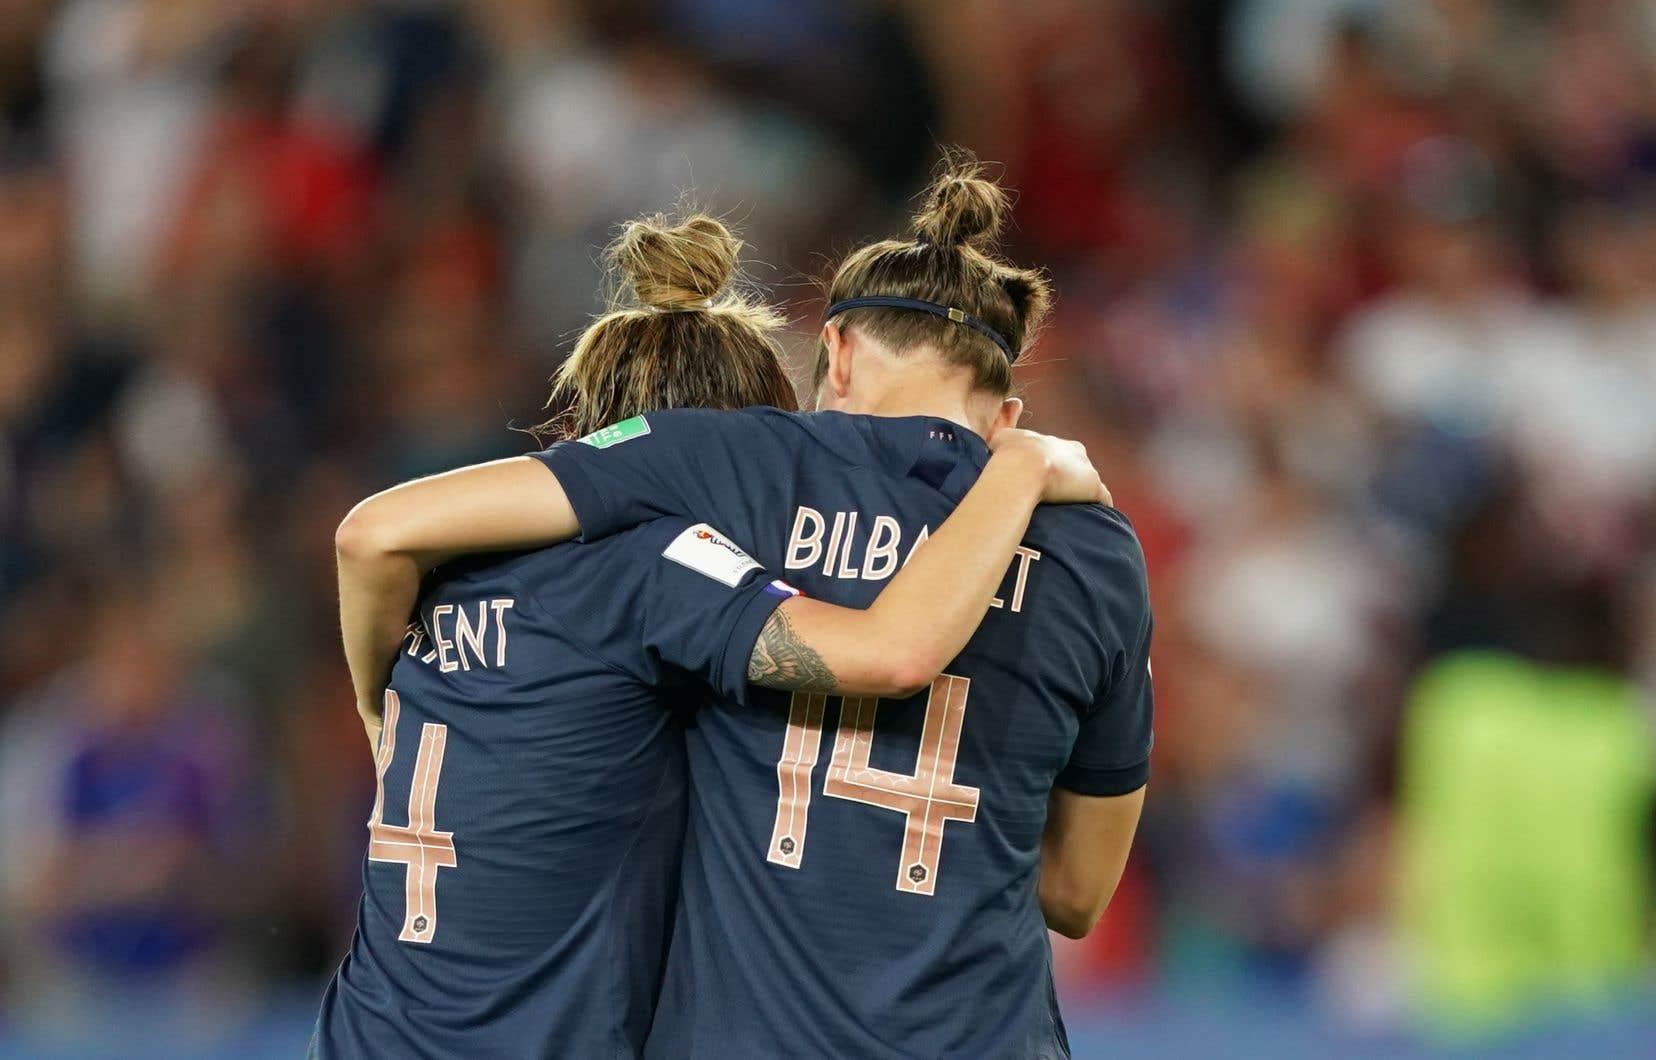 La France tentait de devenir la première nation à détenir en même temps les titres mondiaux masculin et féminin.